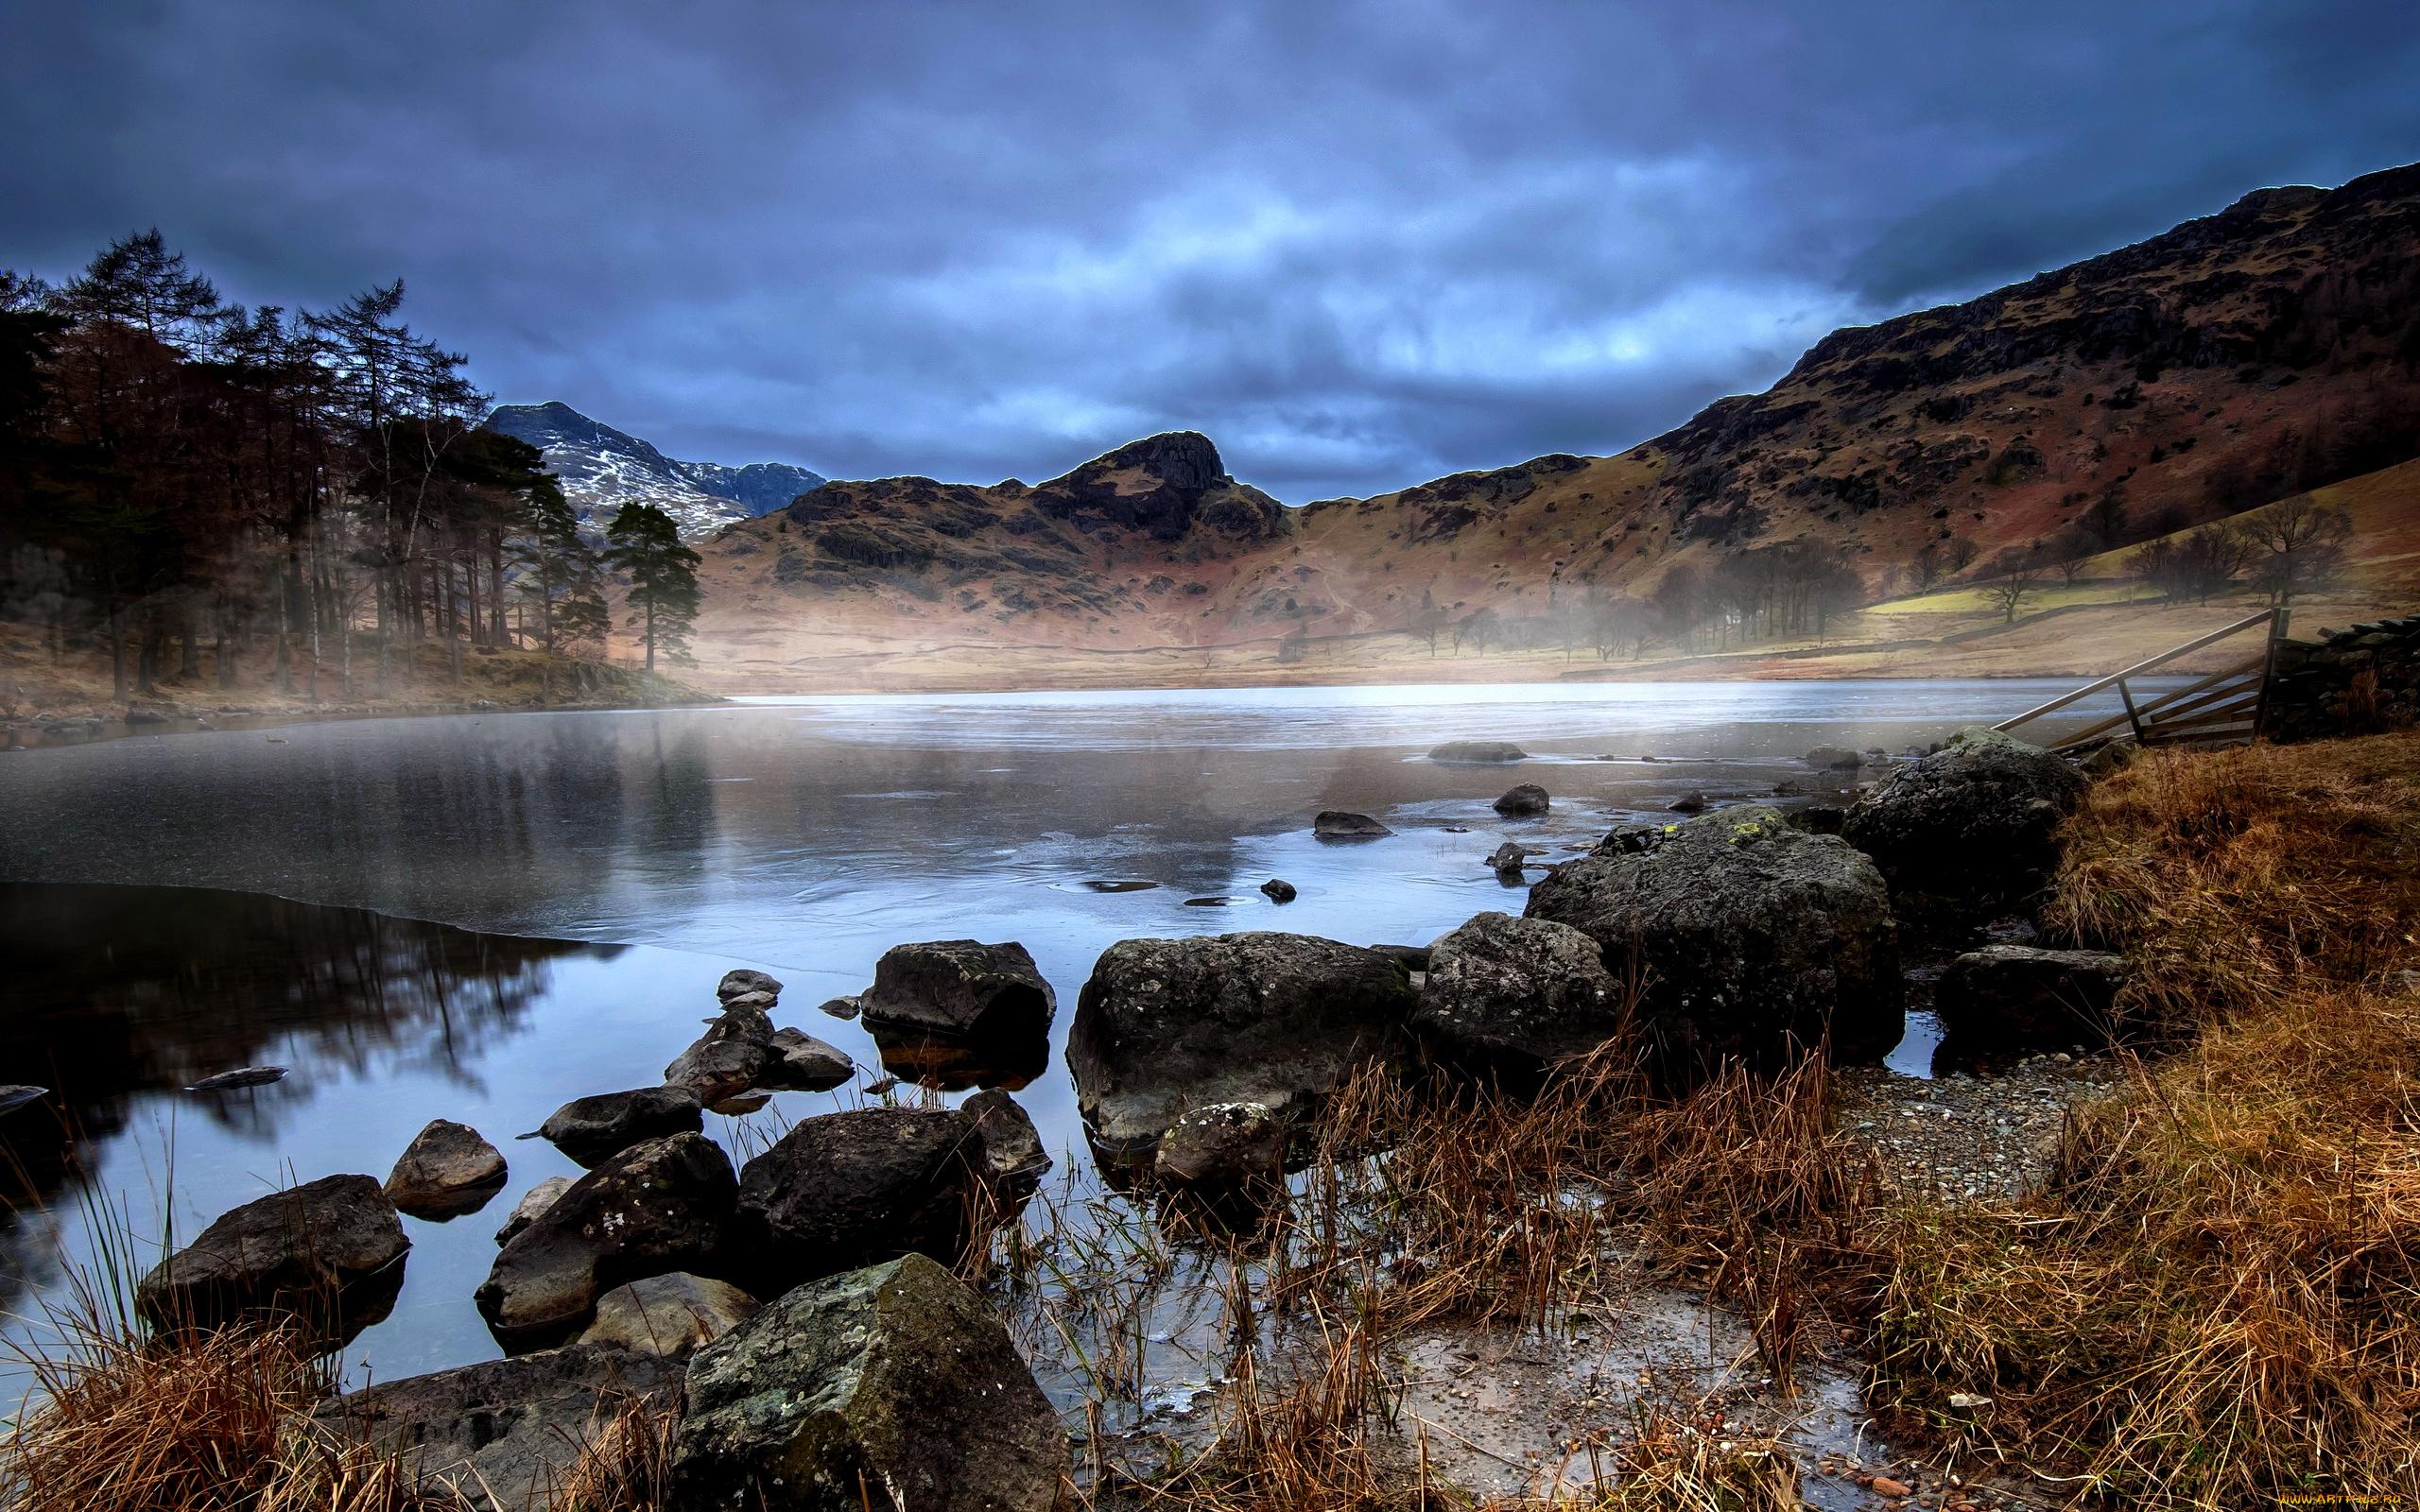 Облака над озером, галька, горы, лес  № 2950431 загрузить